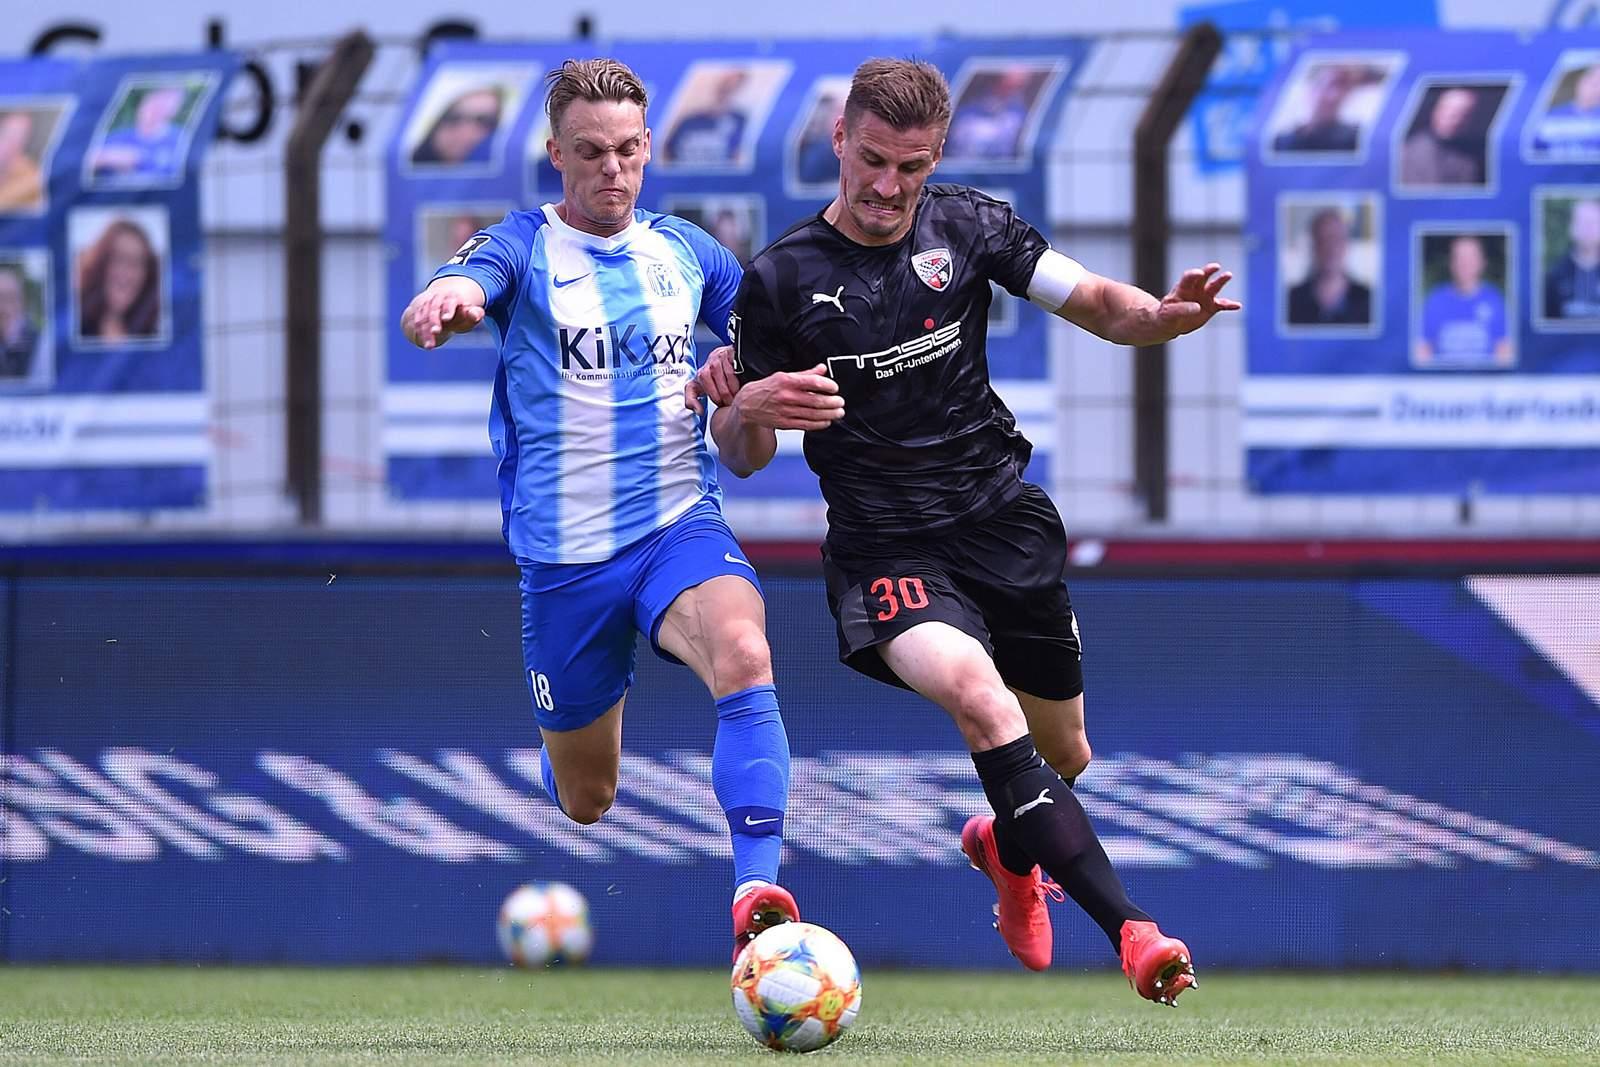 Rene Guder vom SV Meppen gegen Stefan Kutschke vom FC Ingolstadt